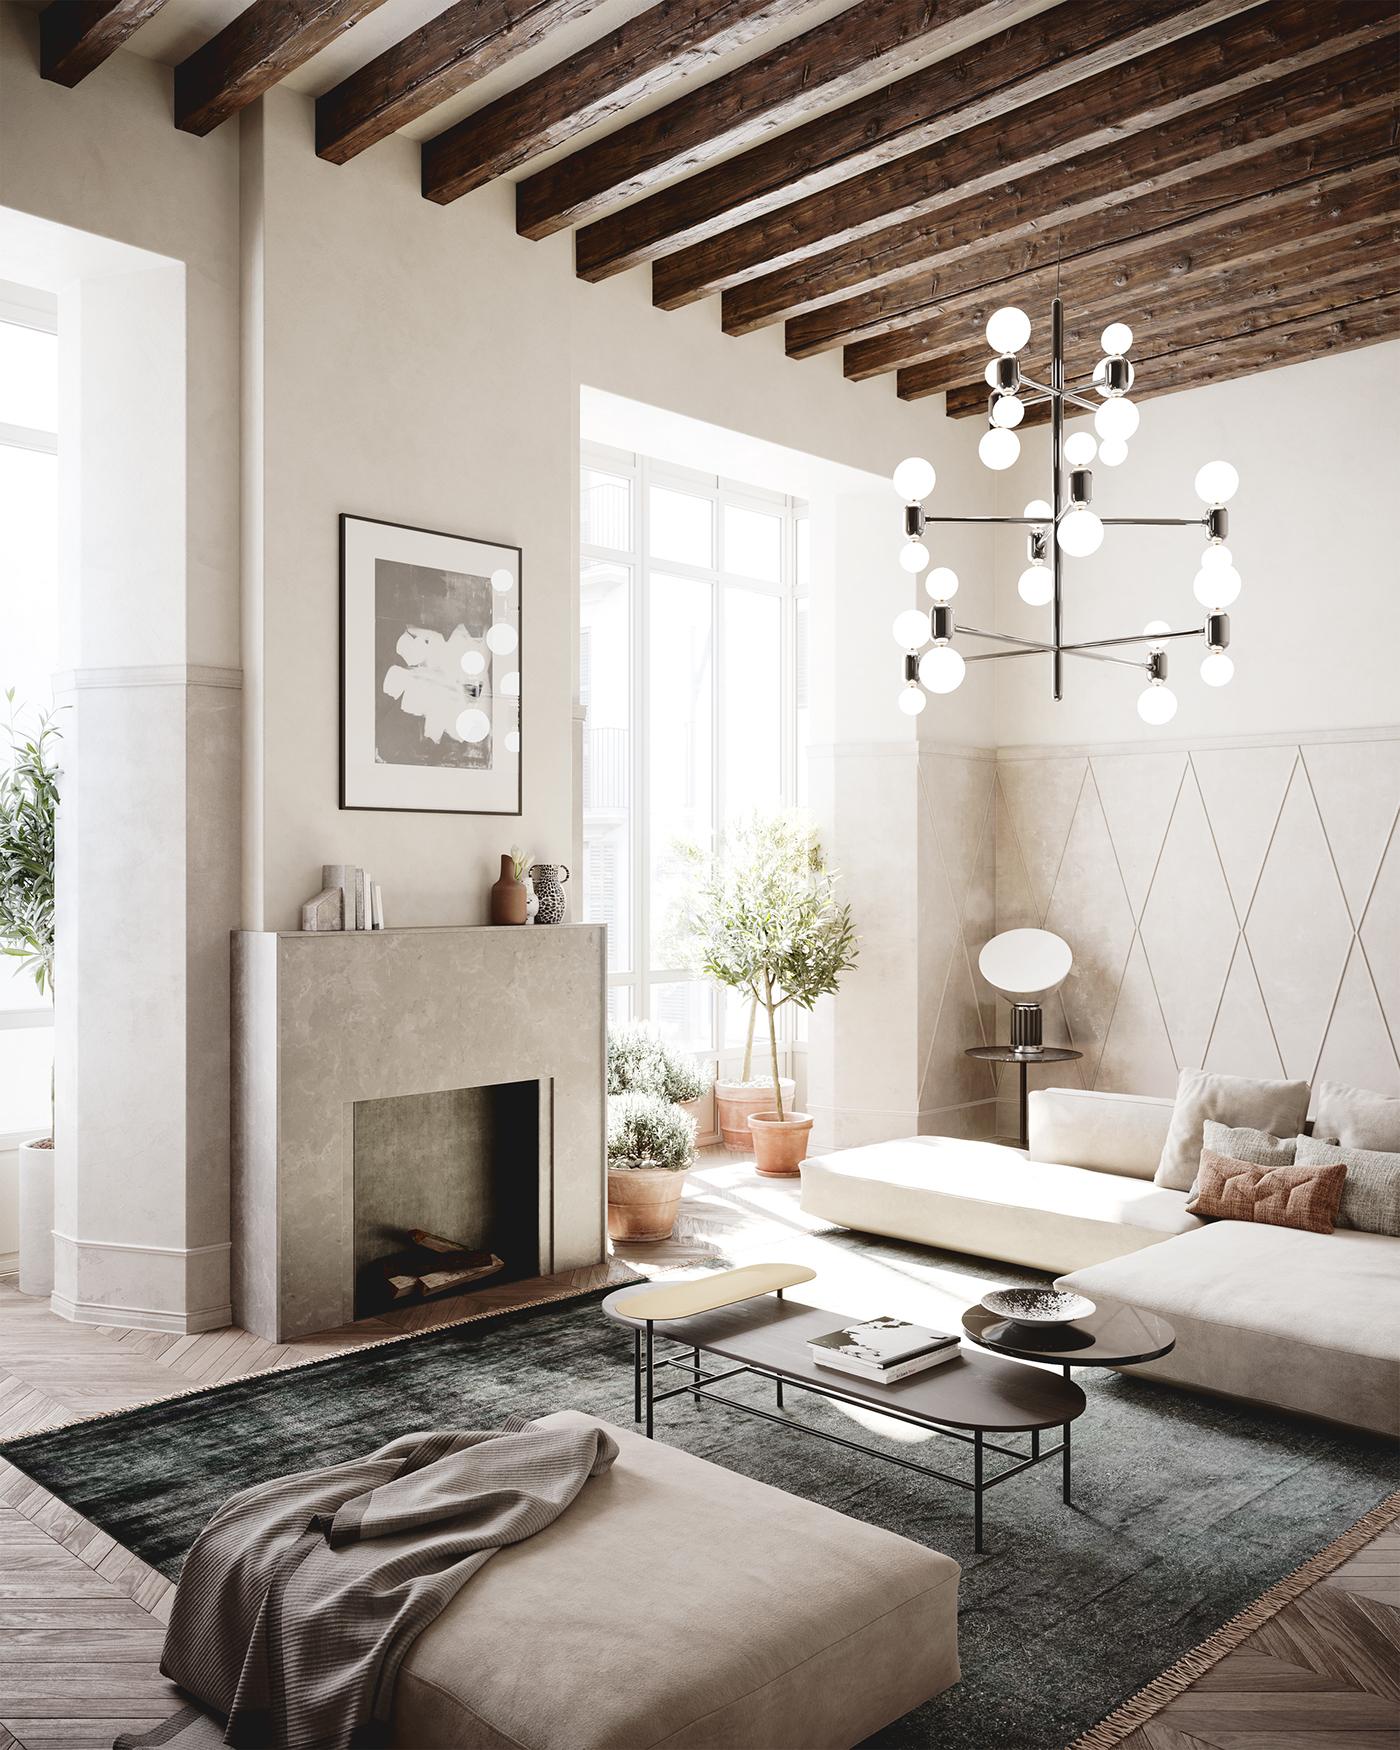 mallorca,impremta,Interior,visualization,CGI,archviz,architectural visualization,Architecture Visualization